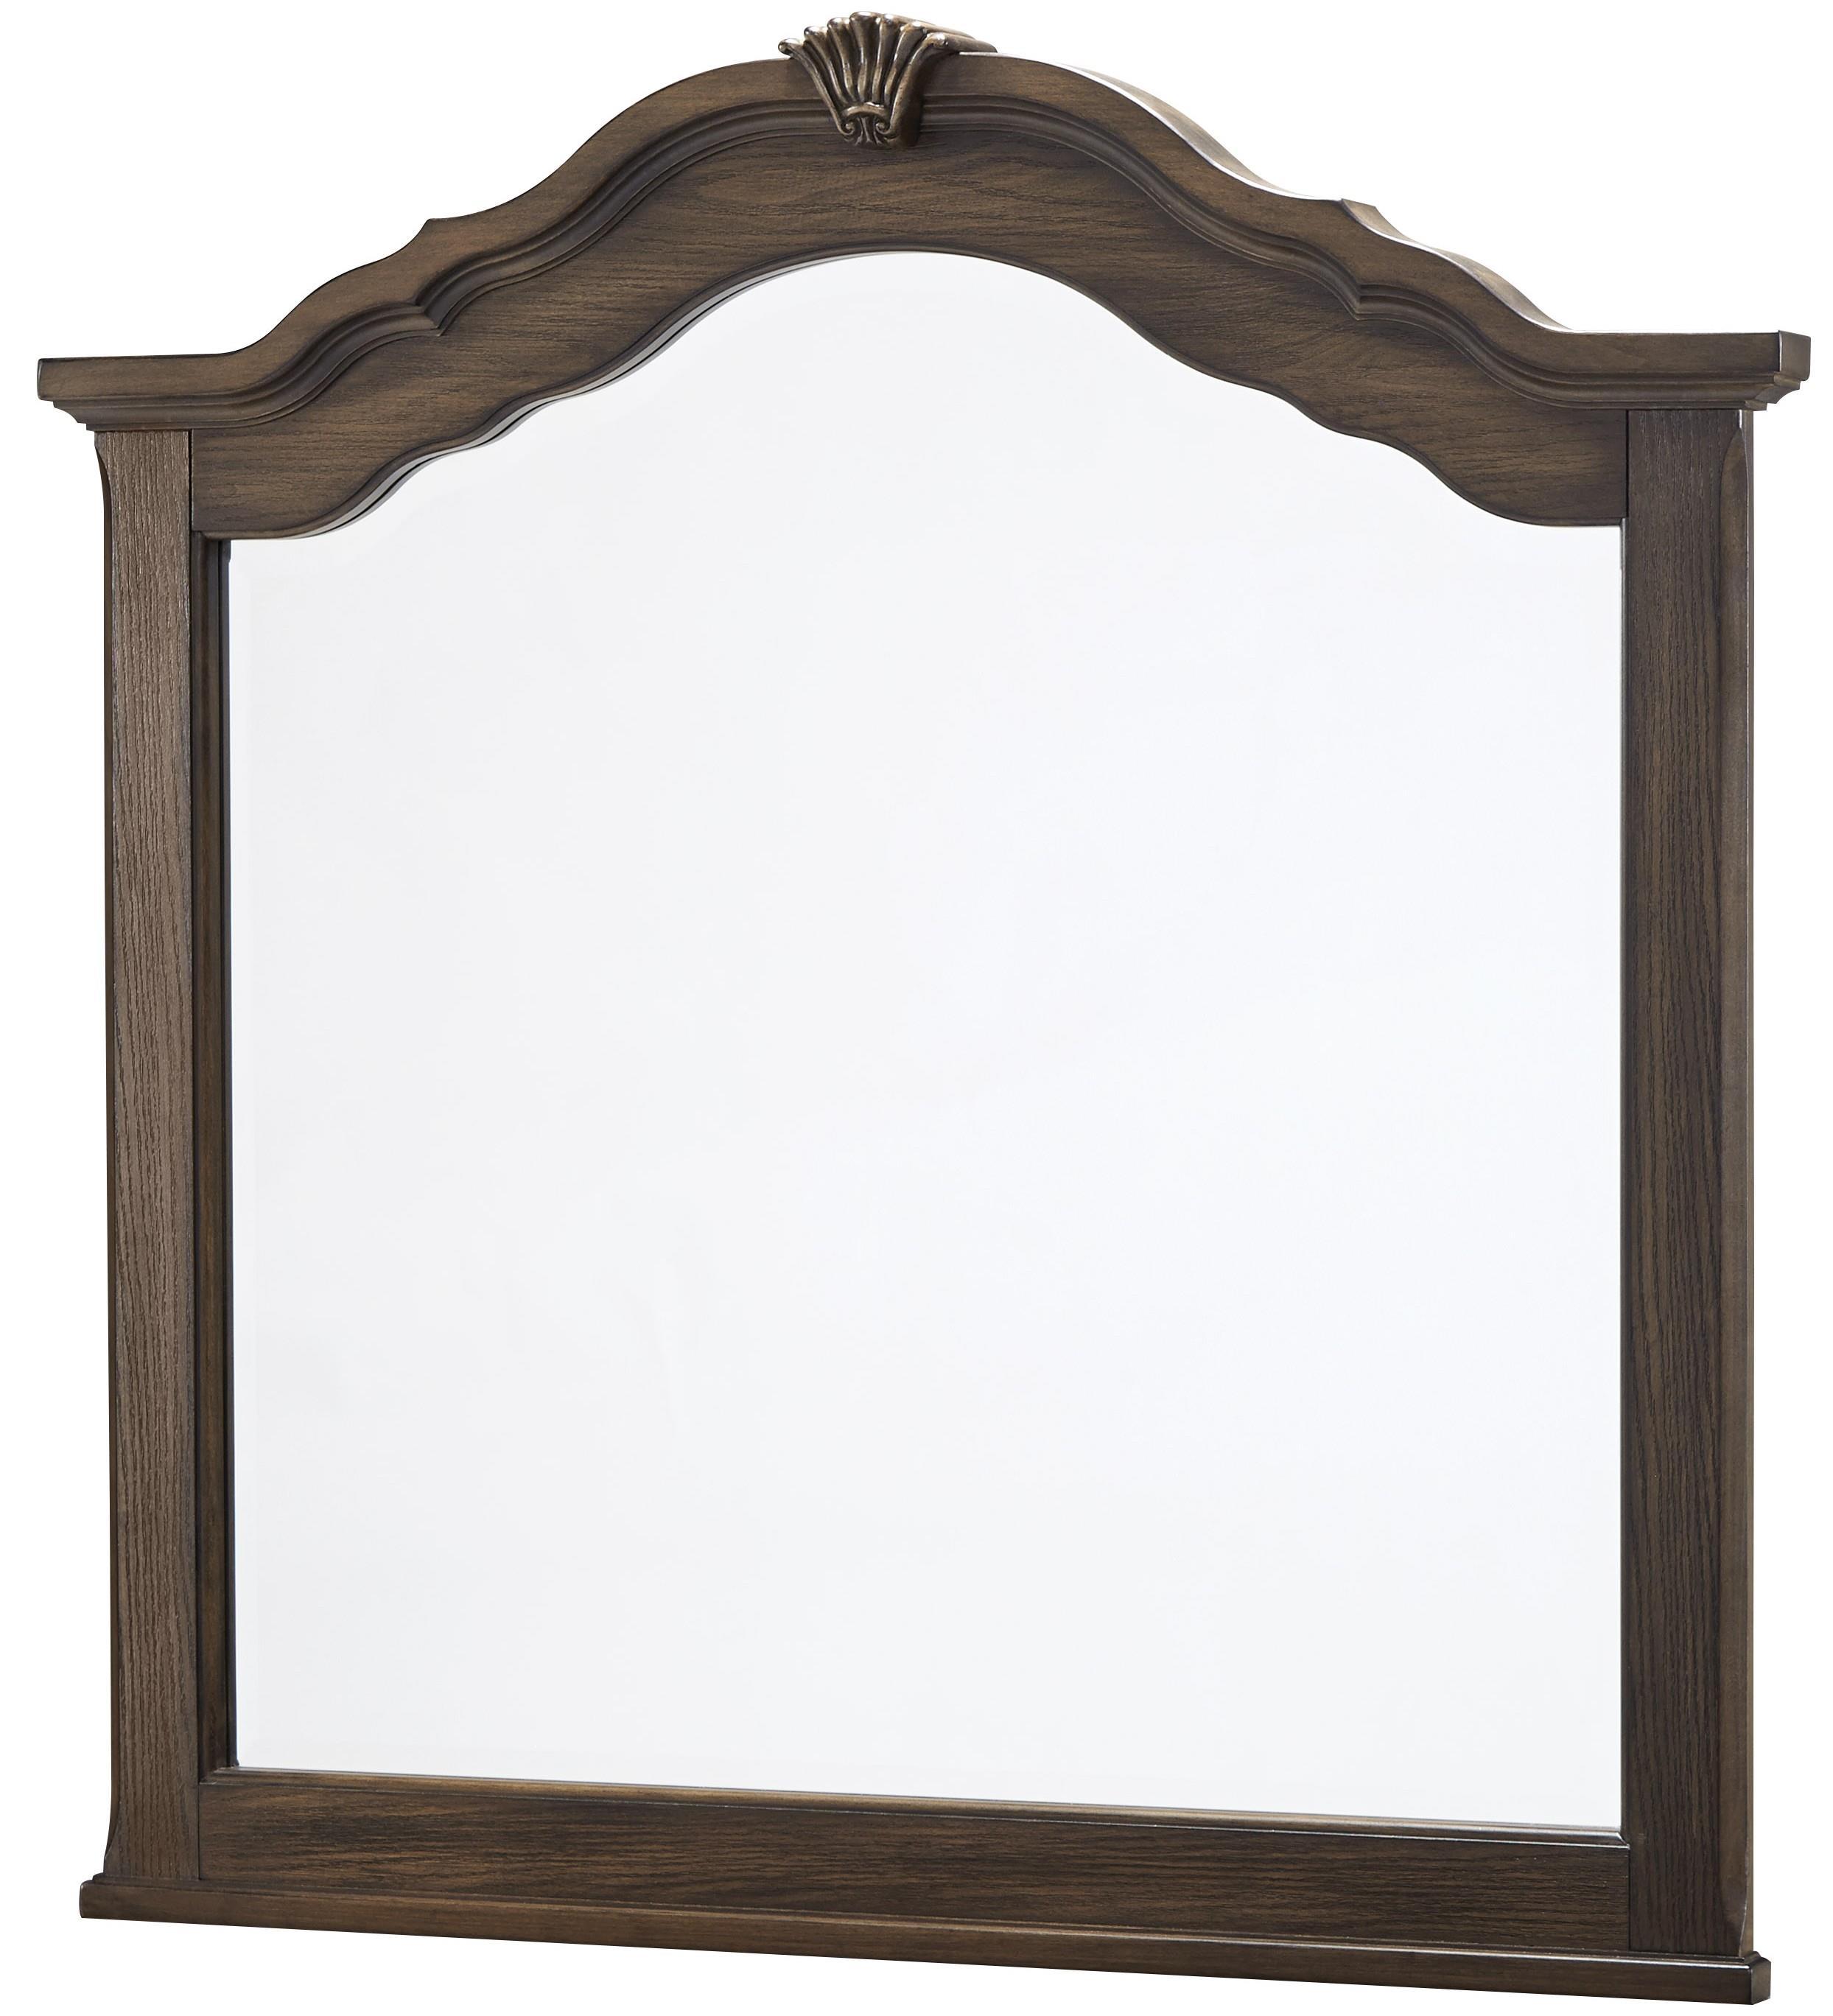 Vaughan Bassett Villa Sophia Shelter Mirror - Item Number: 520-447